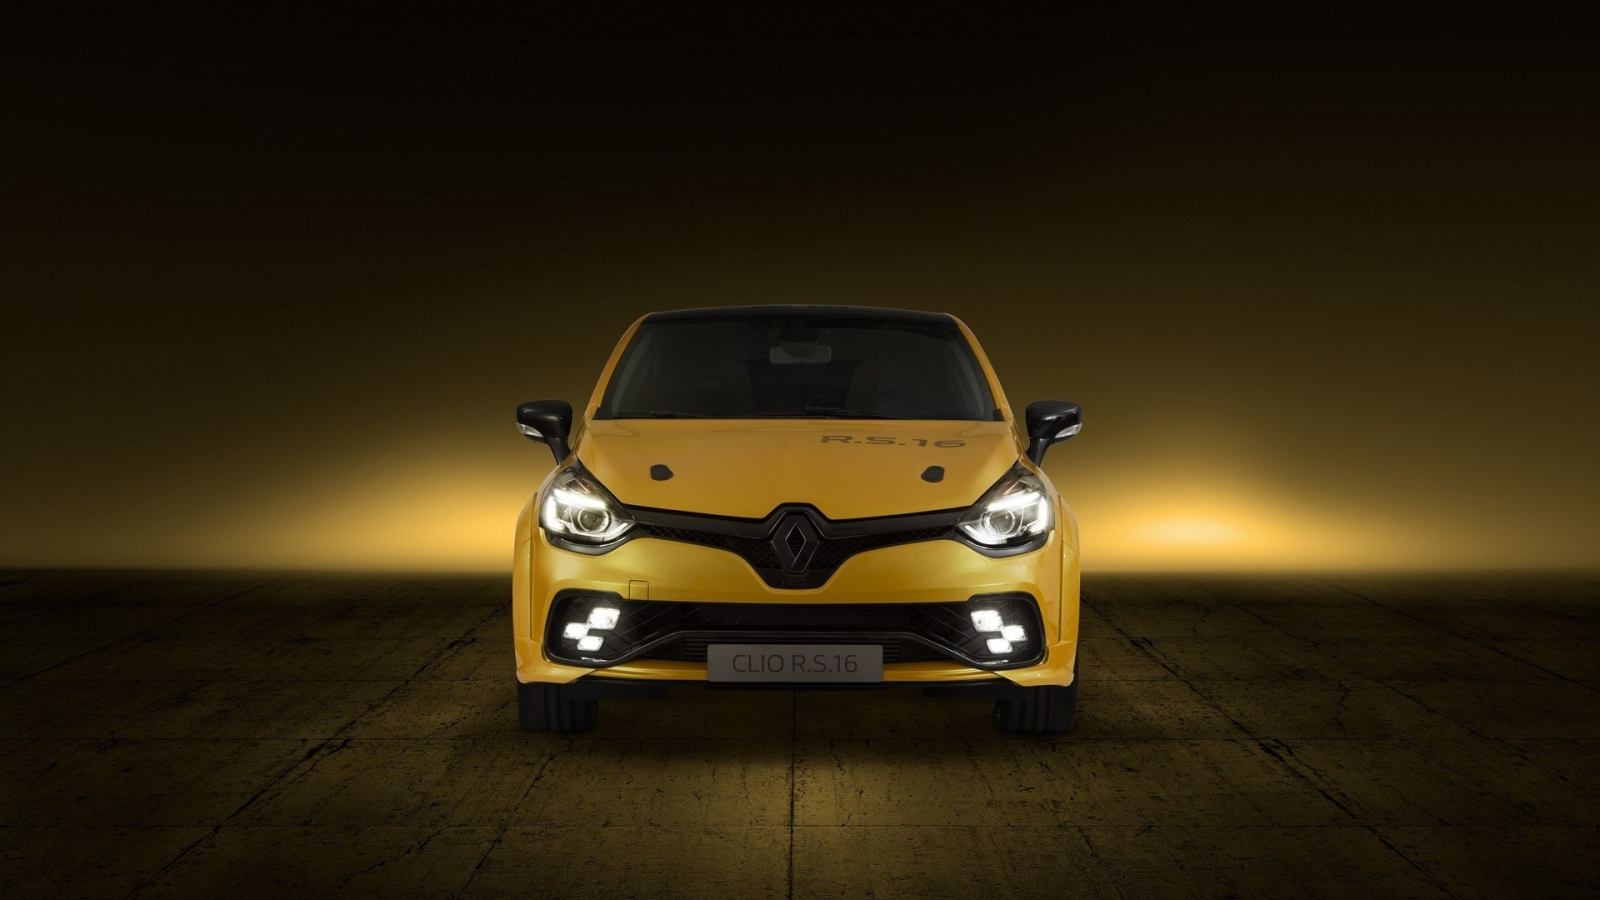 رنو موتور مگان RS را به Clio RS - اجاره ماشین - اجاره خودرو - کرایه ماشین